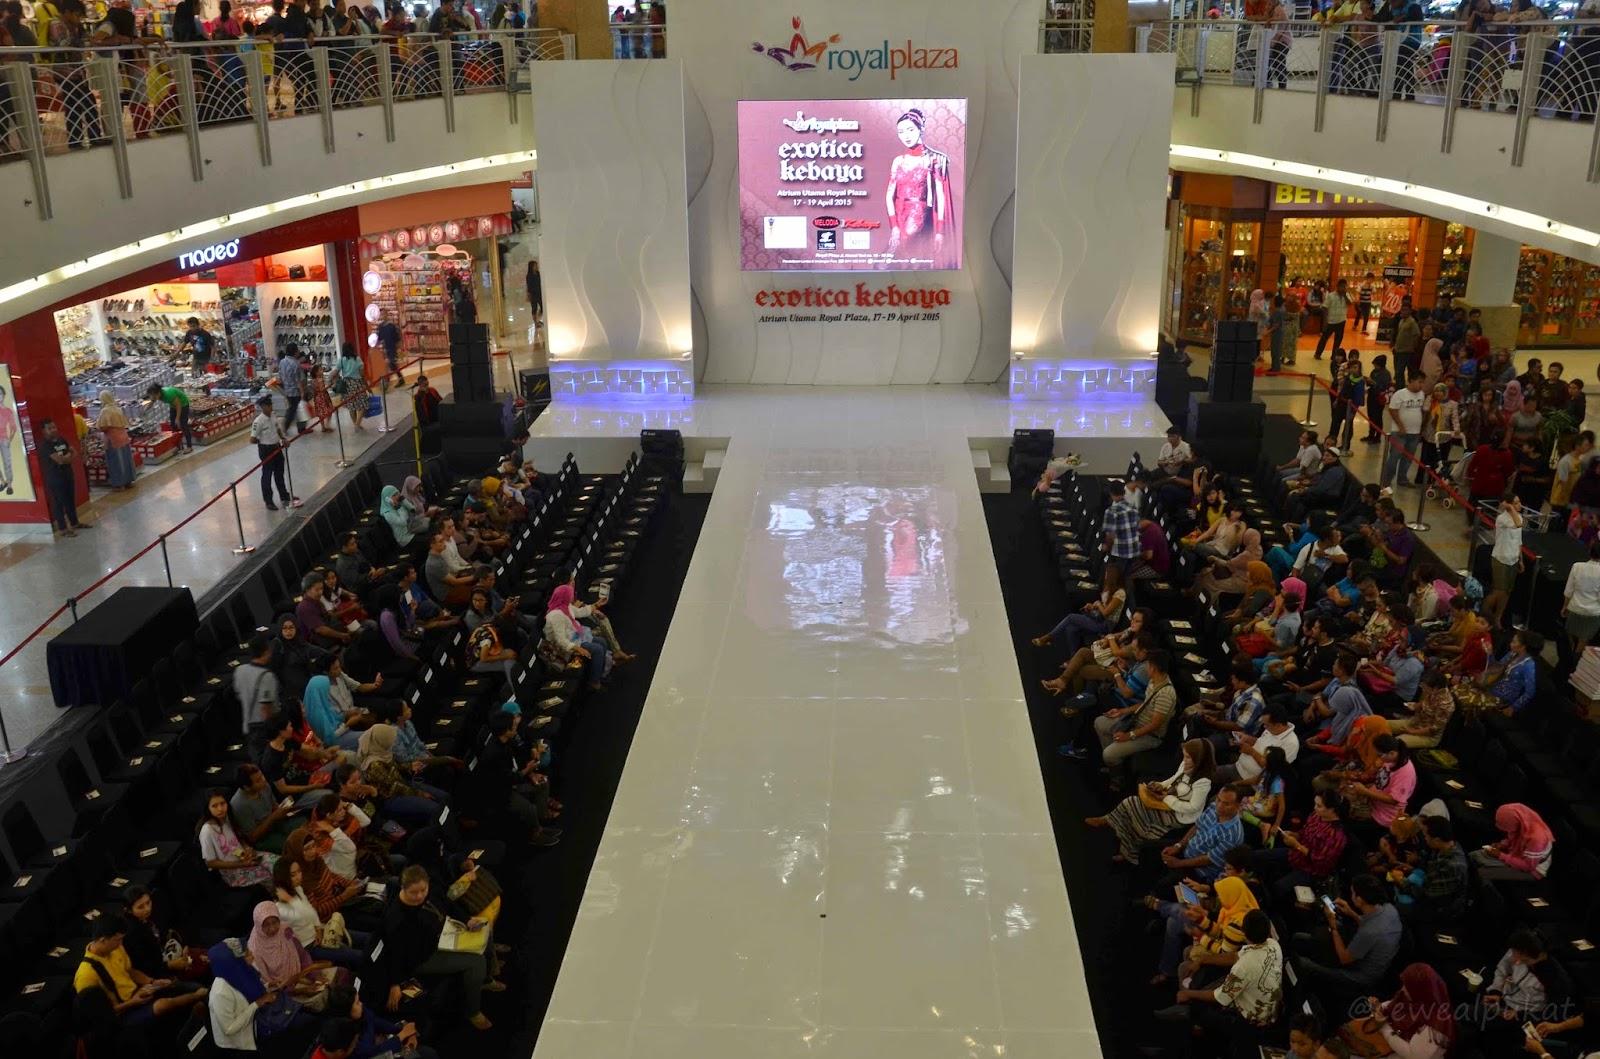 royal plaza, surga belanja, surga belanja surabaya, mall, pusat perbelanjaan, dolan dolen, dolaners royal plaza via trendkebaya - Dolan Dolen